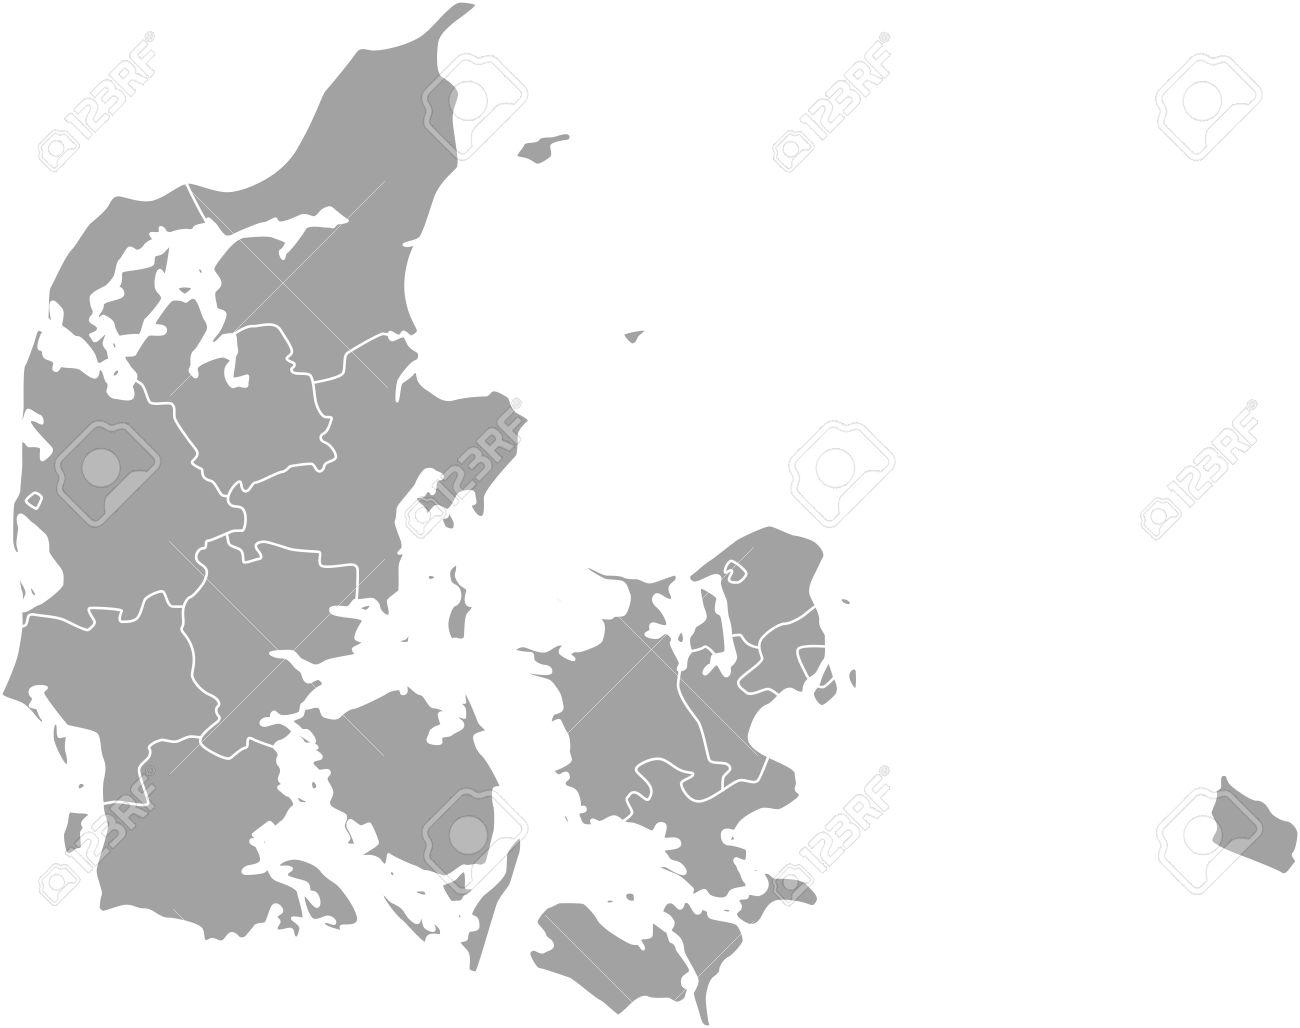 dänemark karte umriss Dänemark Karte Umriss Mit Grenzen Der Provinzen Oder Staaten